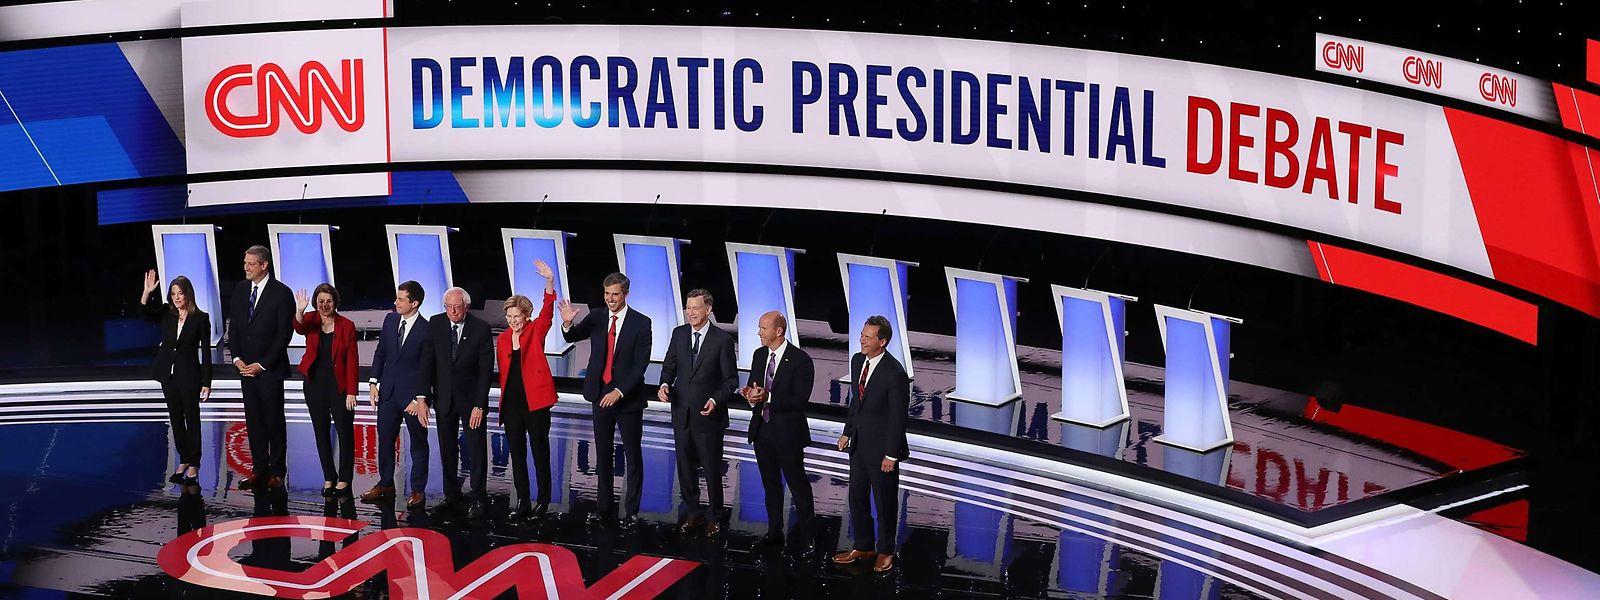 Zehn demokratische Präsidentschaftskandidaten lieferten sich am Dienstagabend einen inhaltlichen Schlagabtausch.